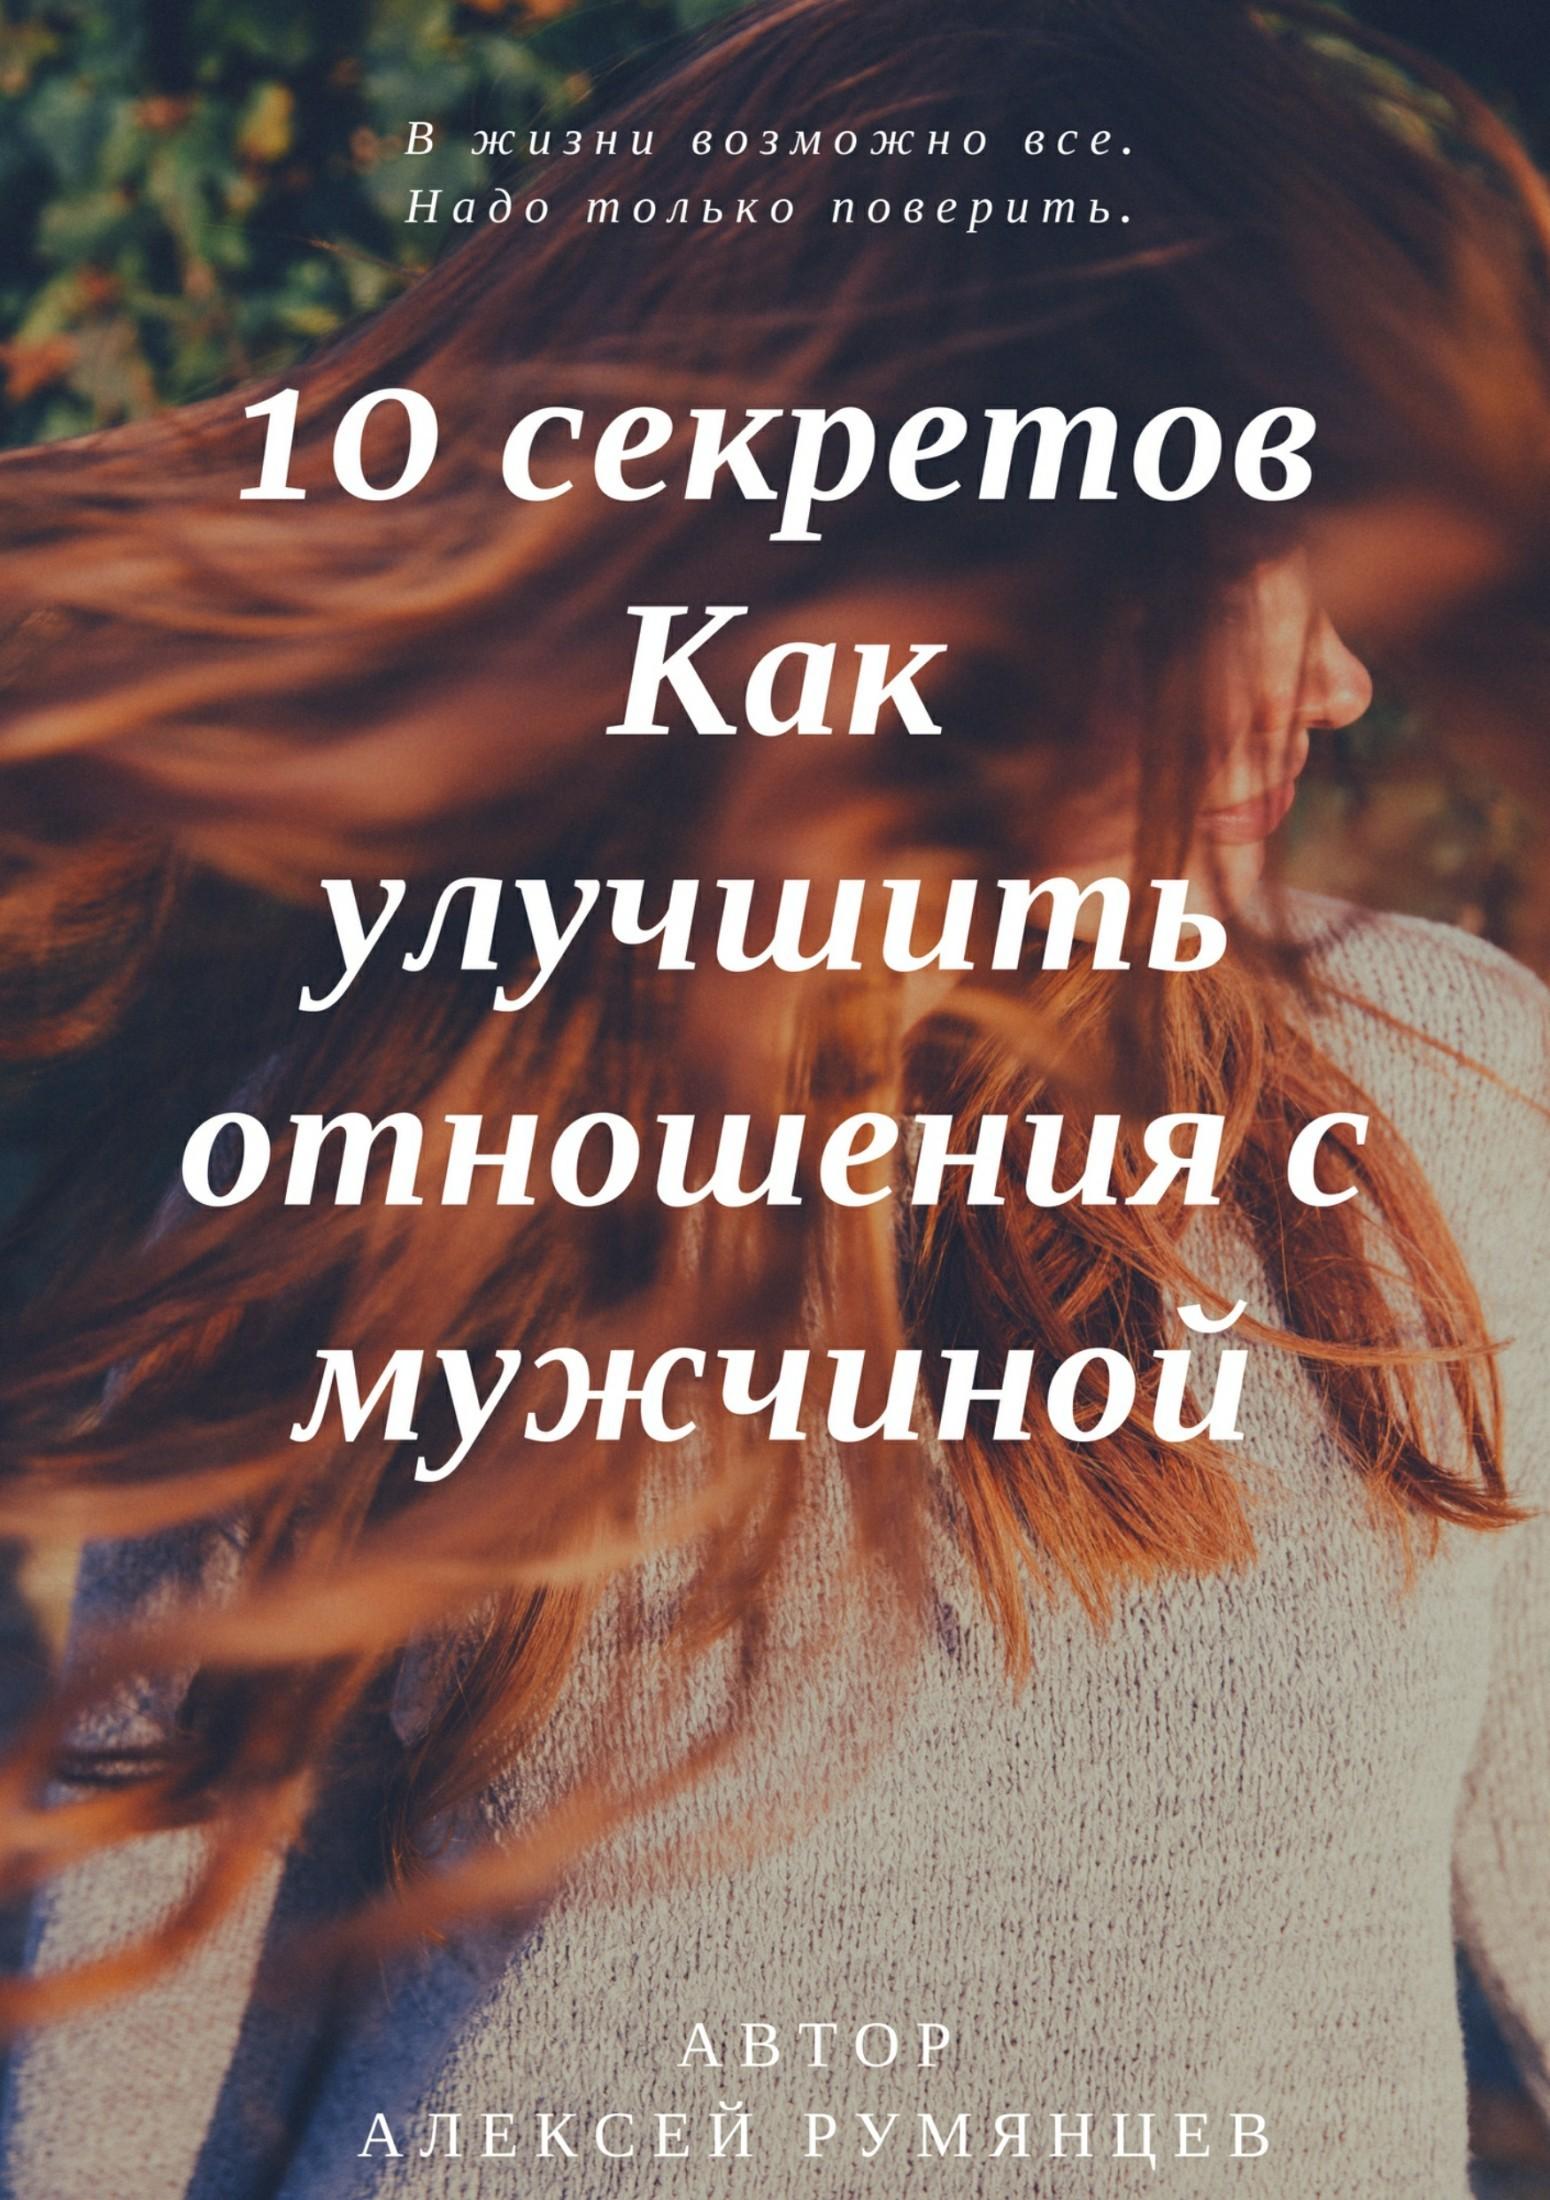 10 секретов как улучшить отношения с мужчиной